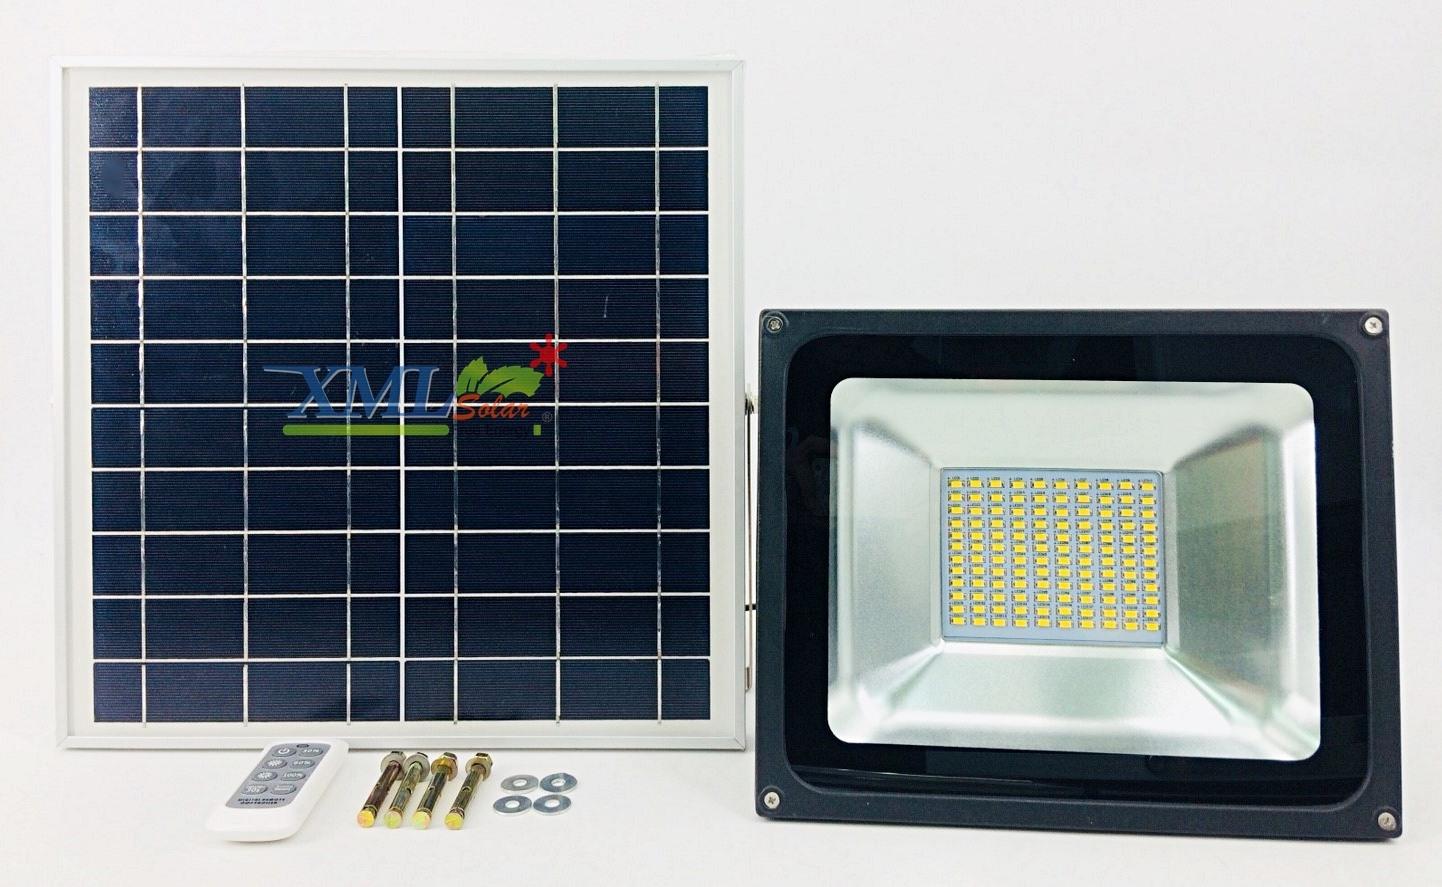 ไฟสปอตไลท์โซล่าเซลล์ 50 Watt รีโมทขาว (เเสง : เหลืองวอมไวท์)